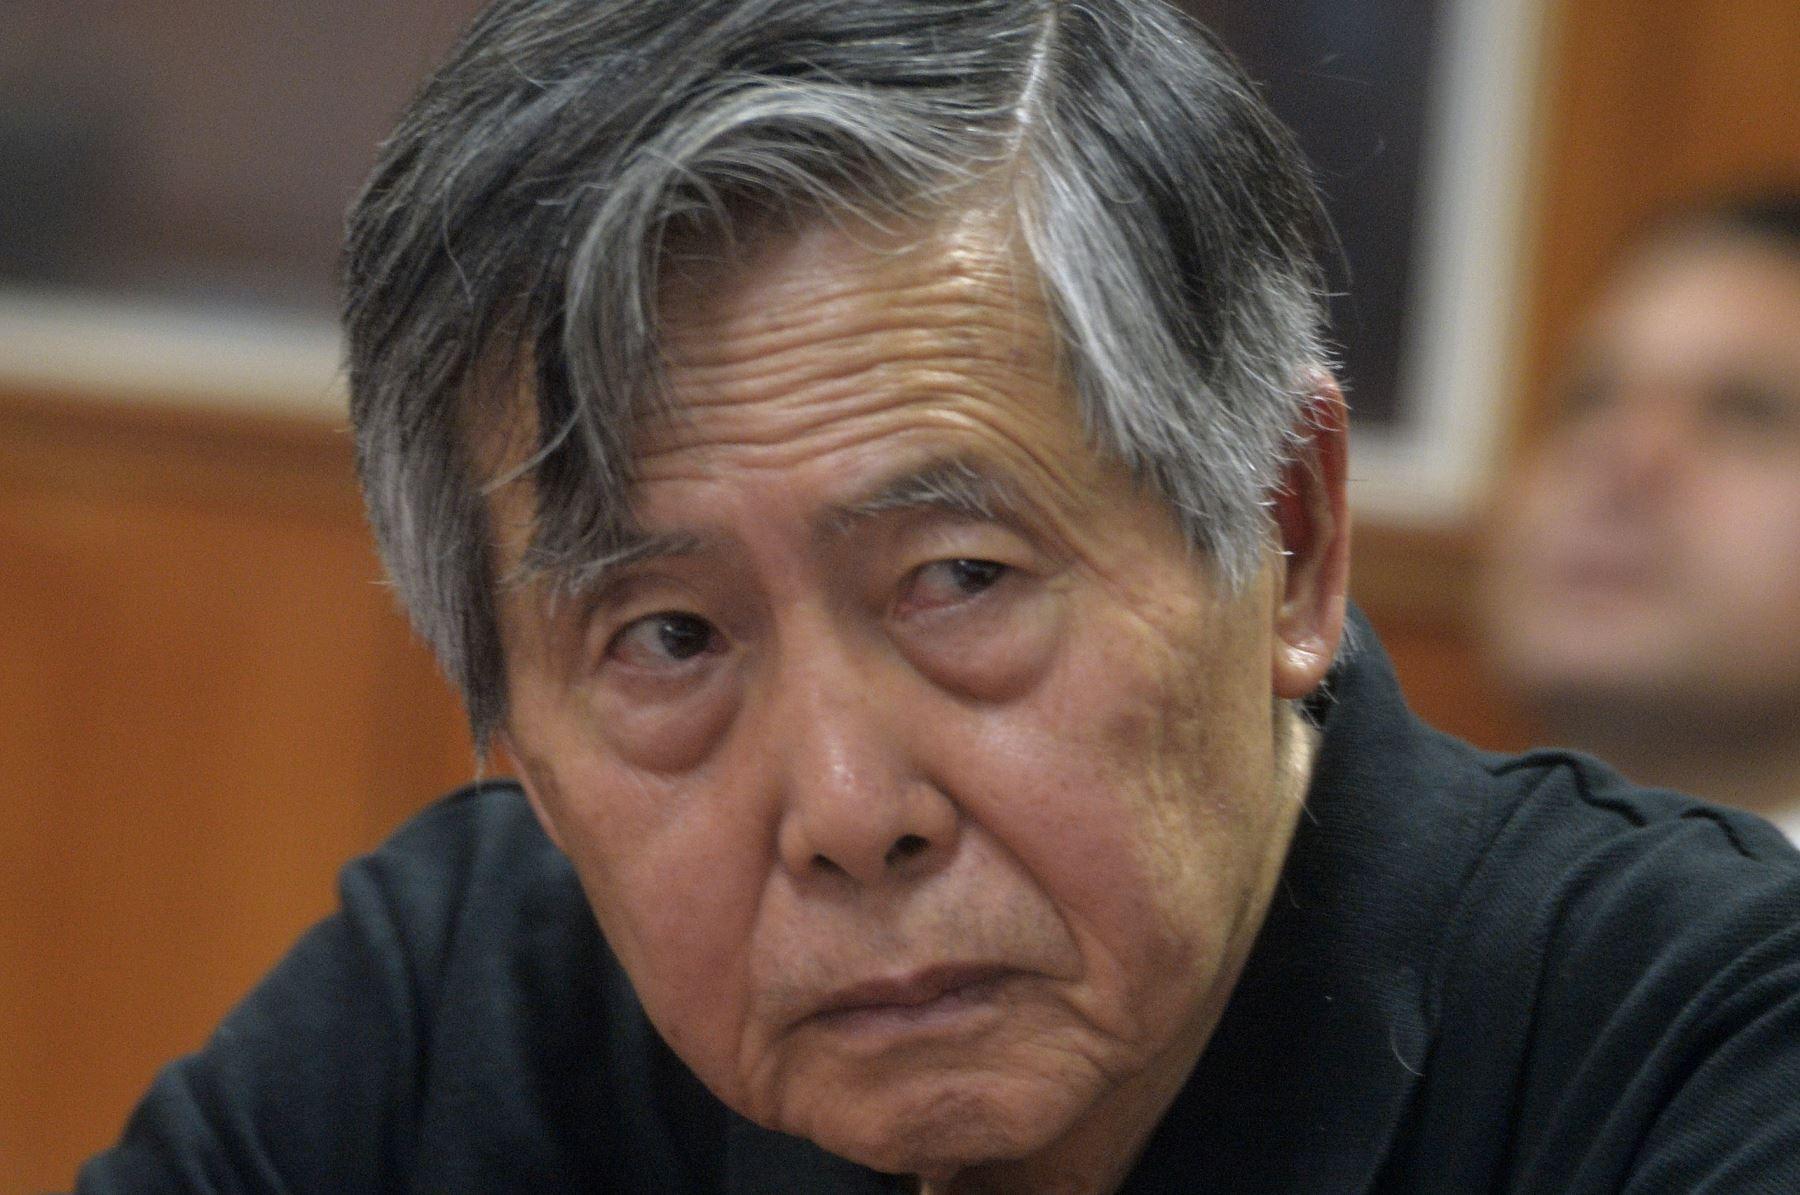 Perú: El conmovedor mensaje de aliento del expresidente Alberto Fujimori a su hija Keiko